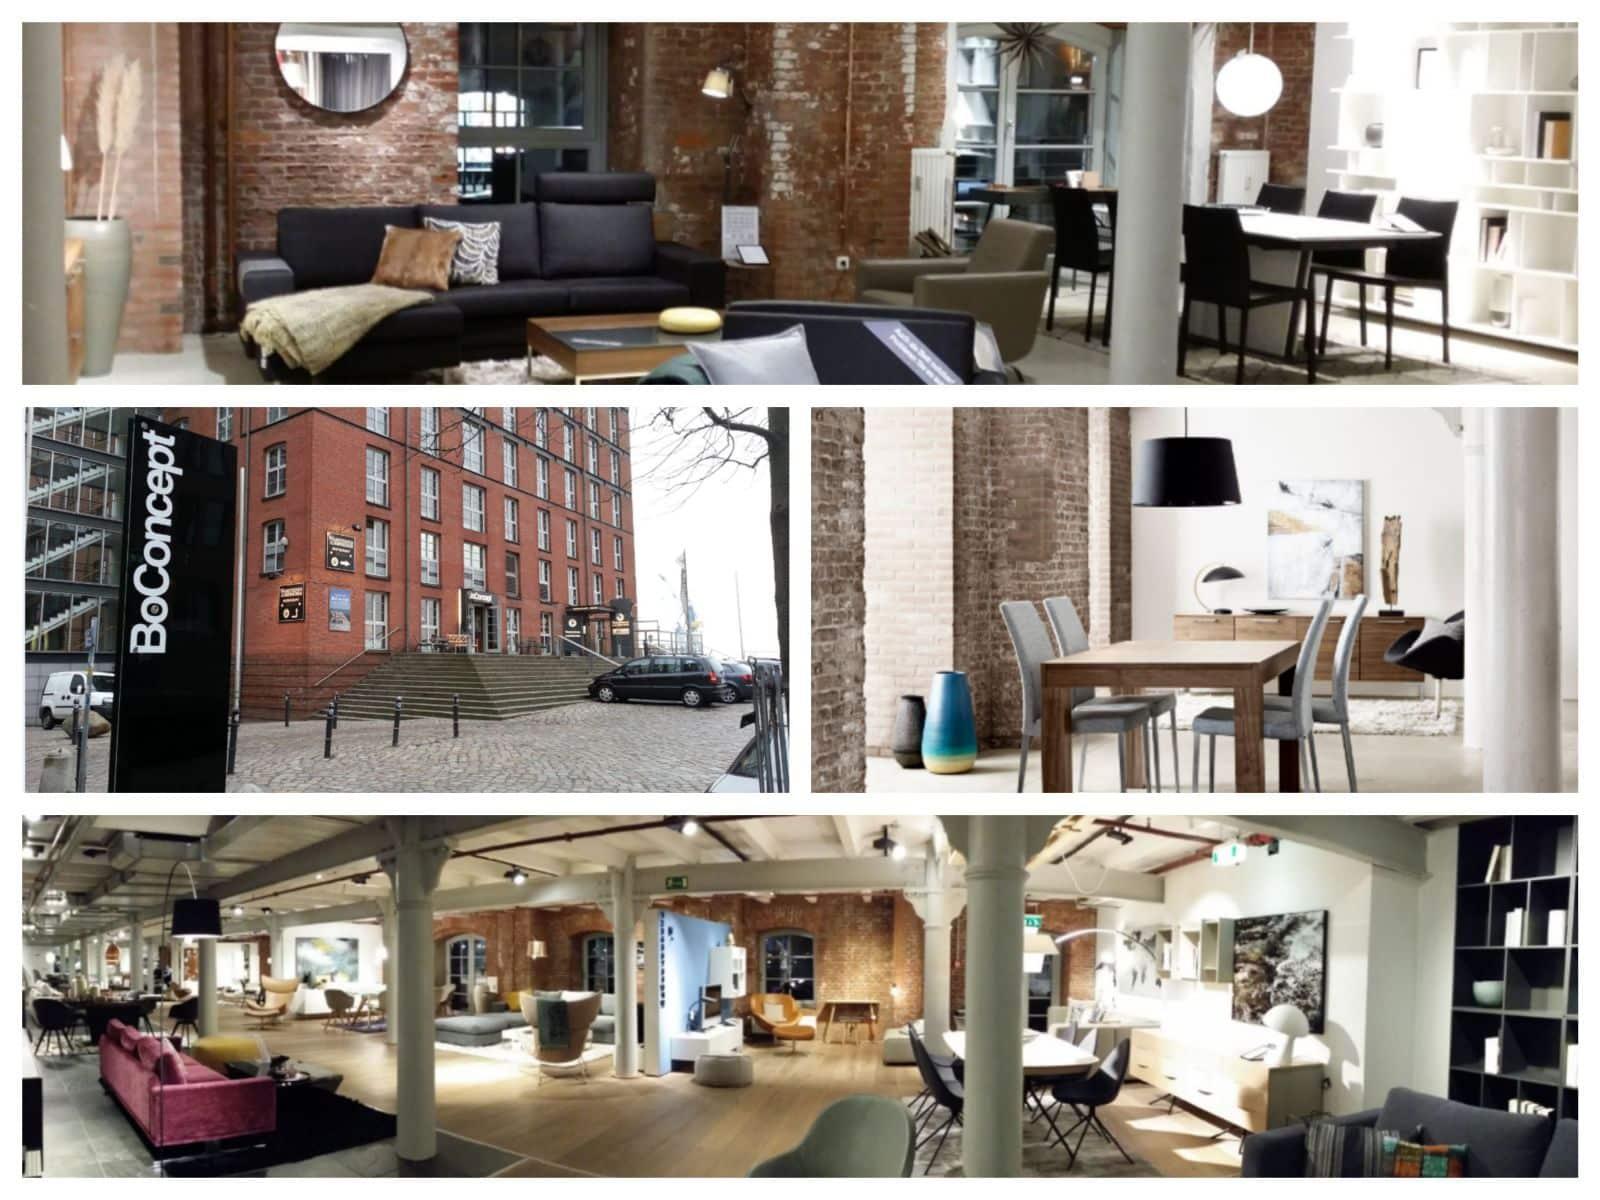 store am fischmarkt boconcept experience hamburg am fischmarkt. Black Bedroom Furniture Sets. Home Design Ideas